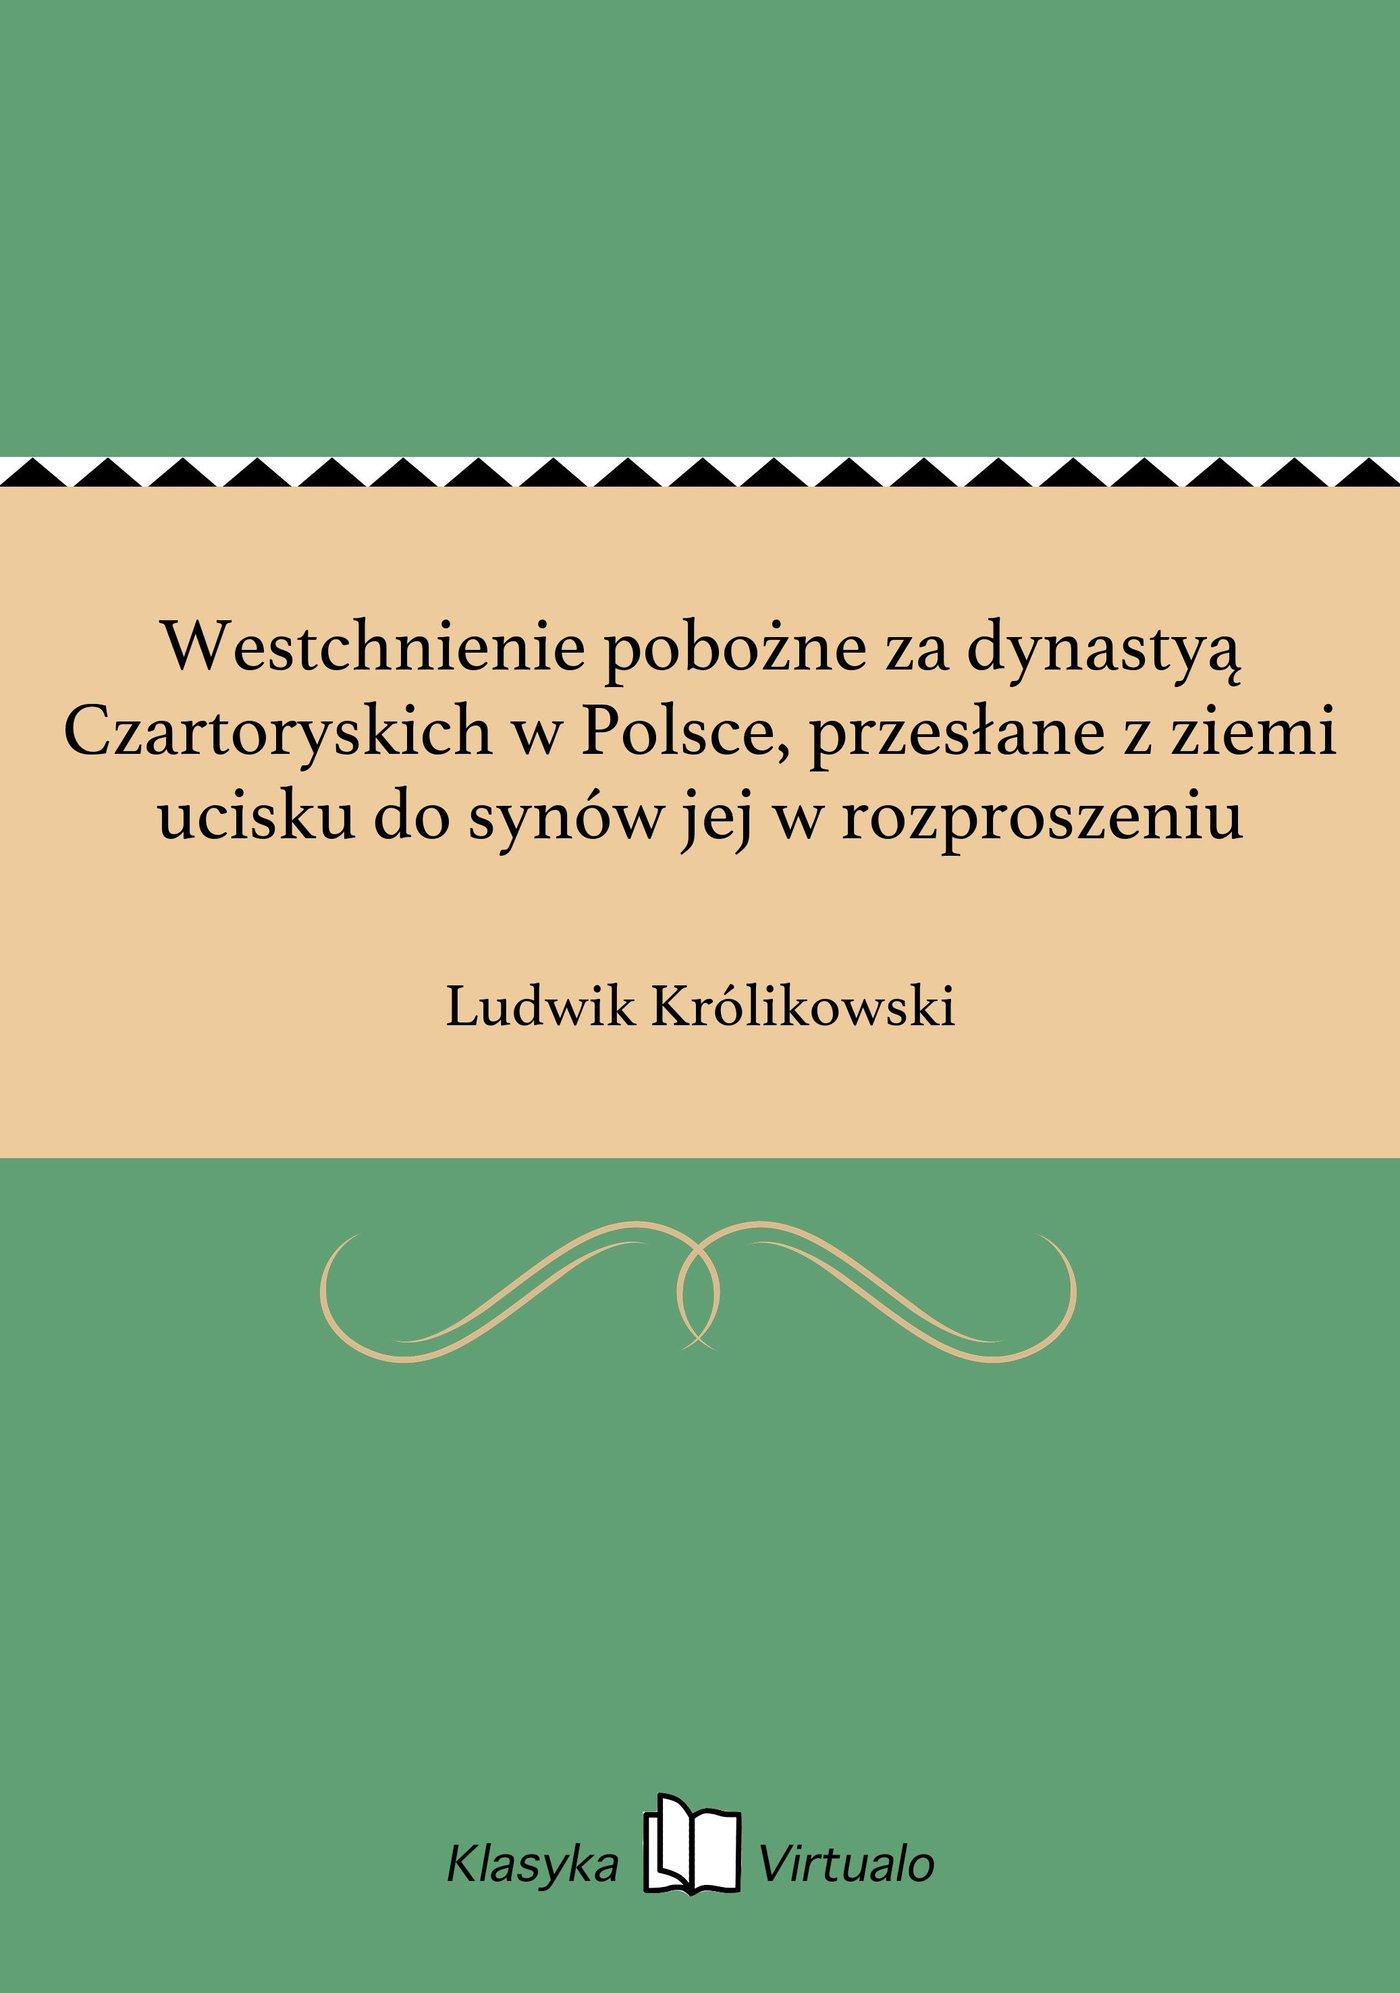 Westchnienie pobożne za dynastyą Czartoryskich w Polsce, przesłane z ziemi ucisku do synów jej w rozproszeniu - Ebook (Książka EPUB) do pobrania w formacie EPUB